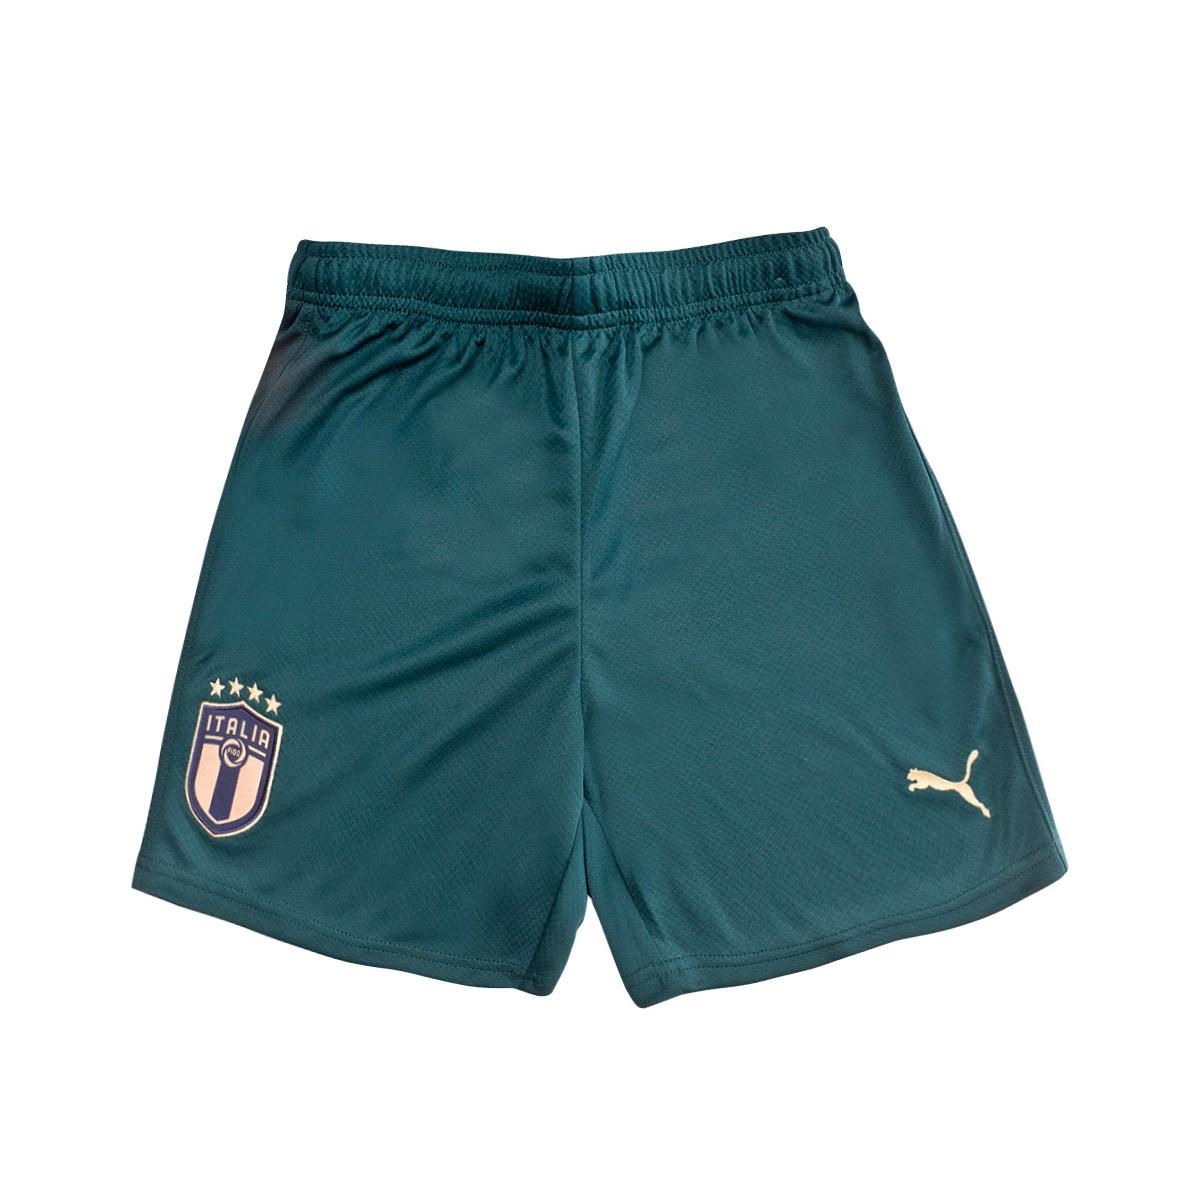 Con qué frecuencia Miguel Ángel Girar en descubierto  Shorts Puma Kids Italy 2019-2020 Third Ponderosa Pine-Peacoat - Football  store Fútbol Emotion